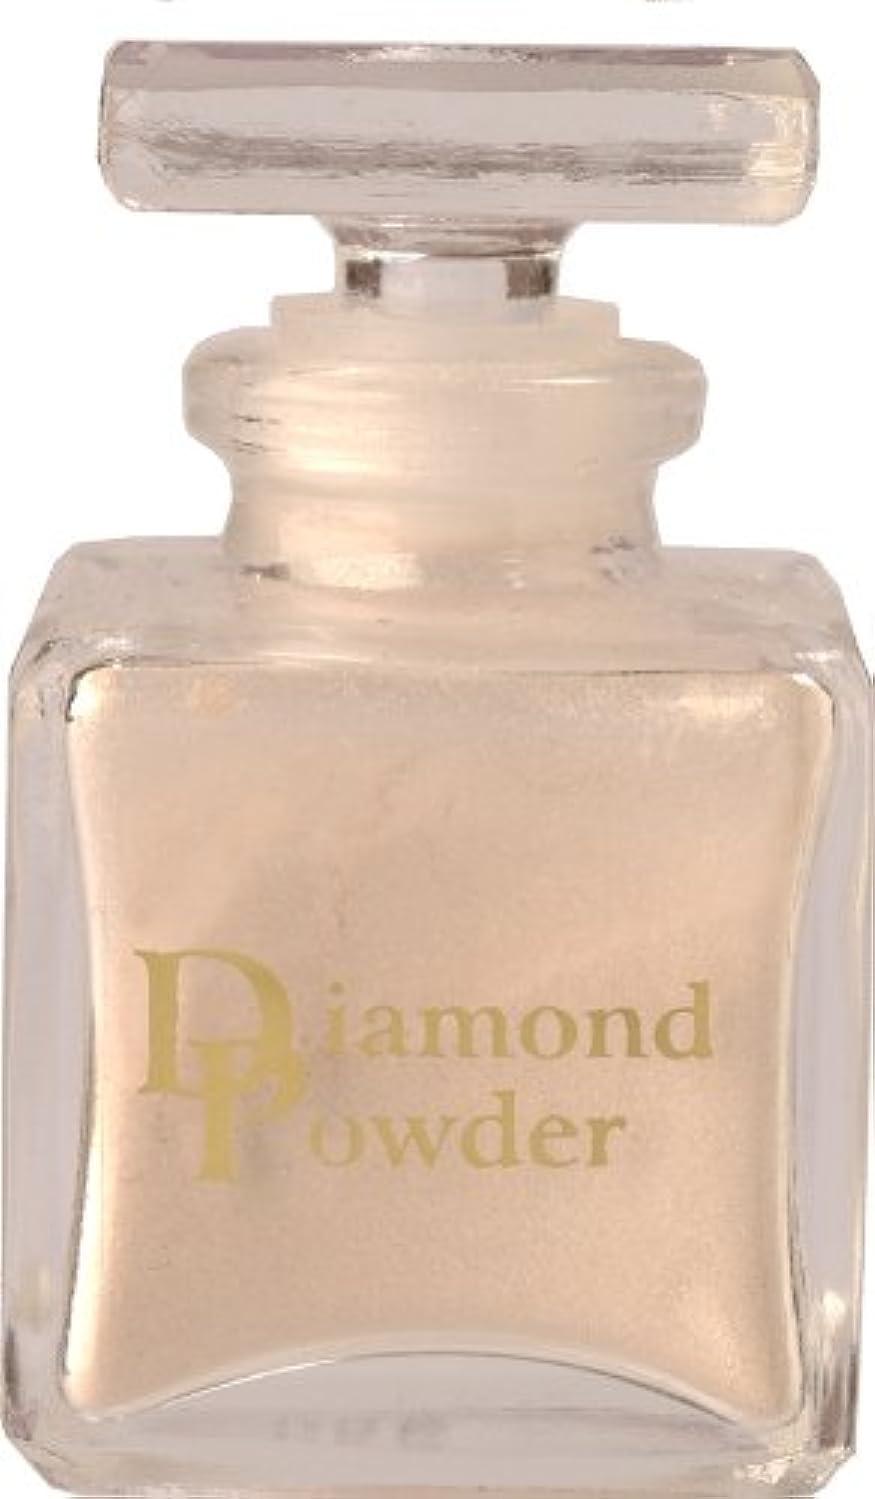 ゆるい医薬周波数ビナ ダイヤモンドパウダー(天然ダイヤモンド1カラット配合全身用ボディパウダー)